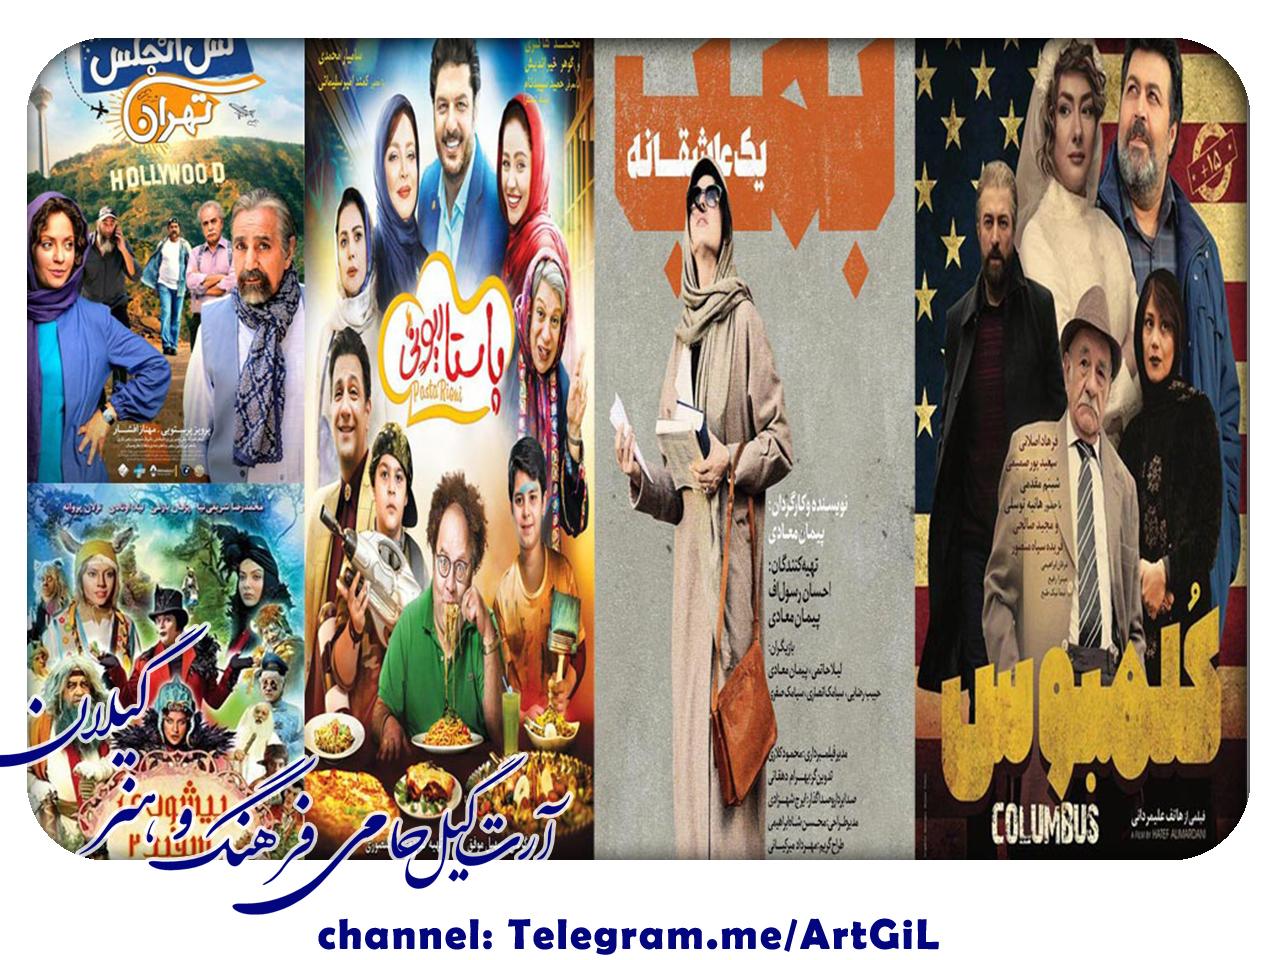 رییس اداره فرهنگ و ارشاد اسلامی شهرستان رشت ، برنامه اکران سینماهای رشت را اعلام کرد.